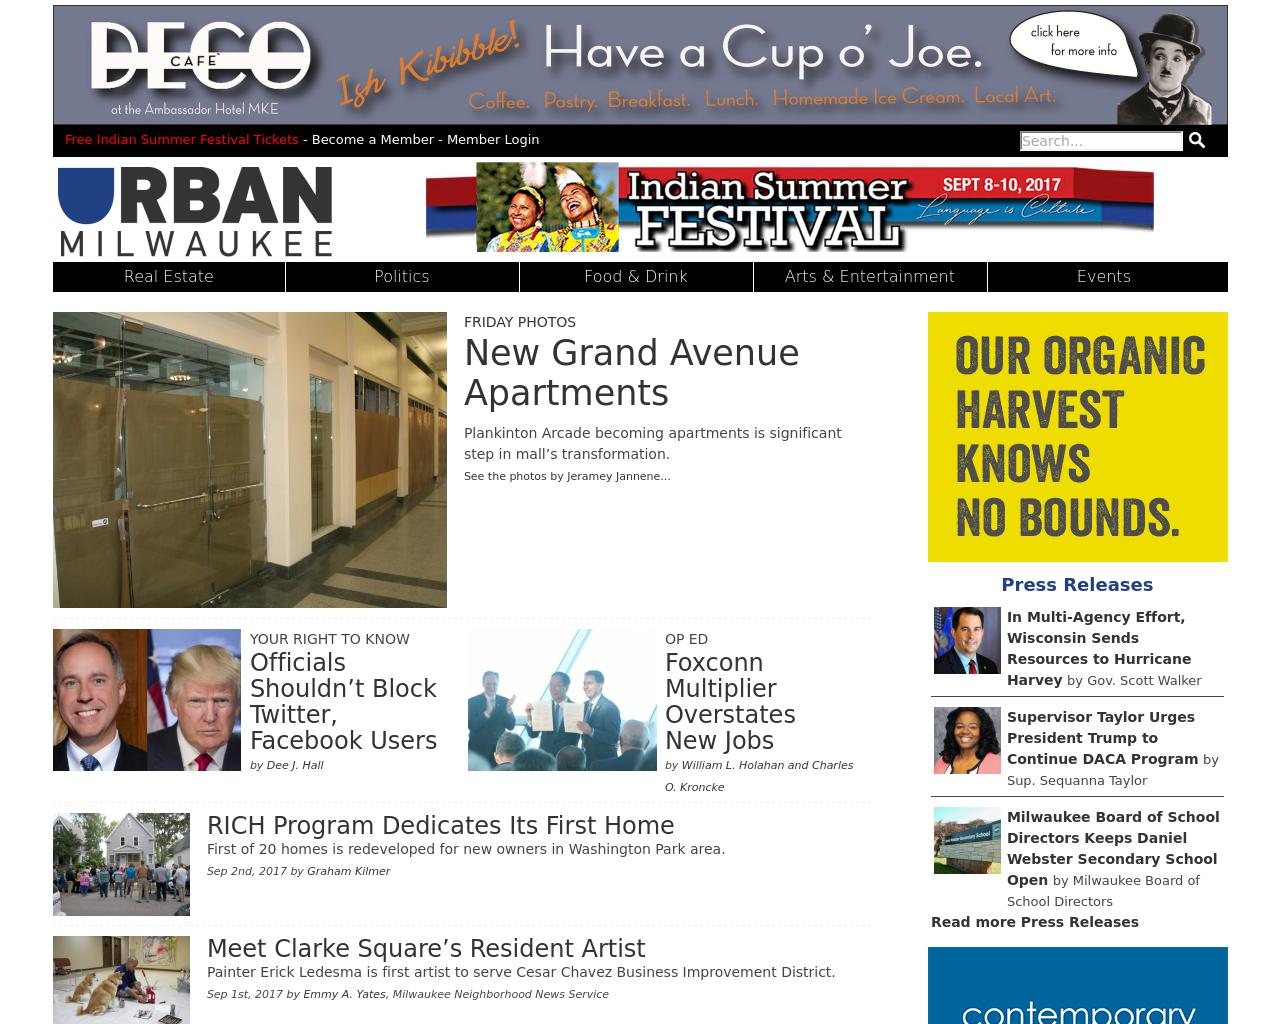 Urban-Milwaukee-Advertising-Reviews-Pricing